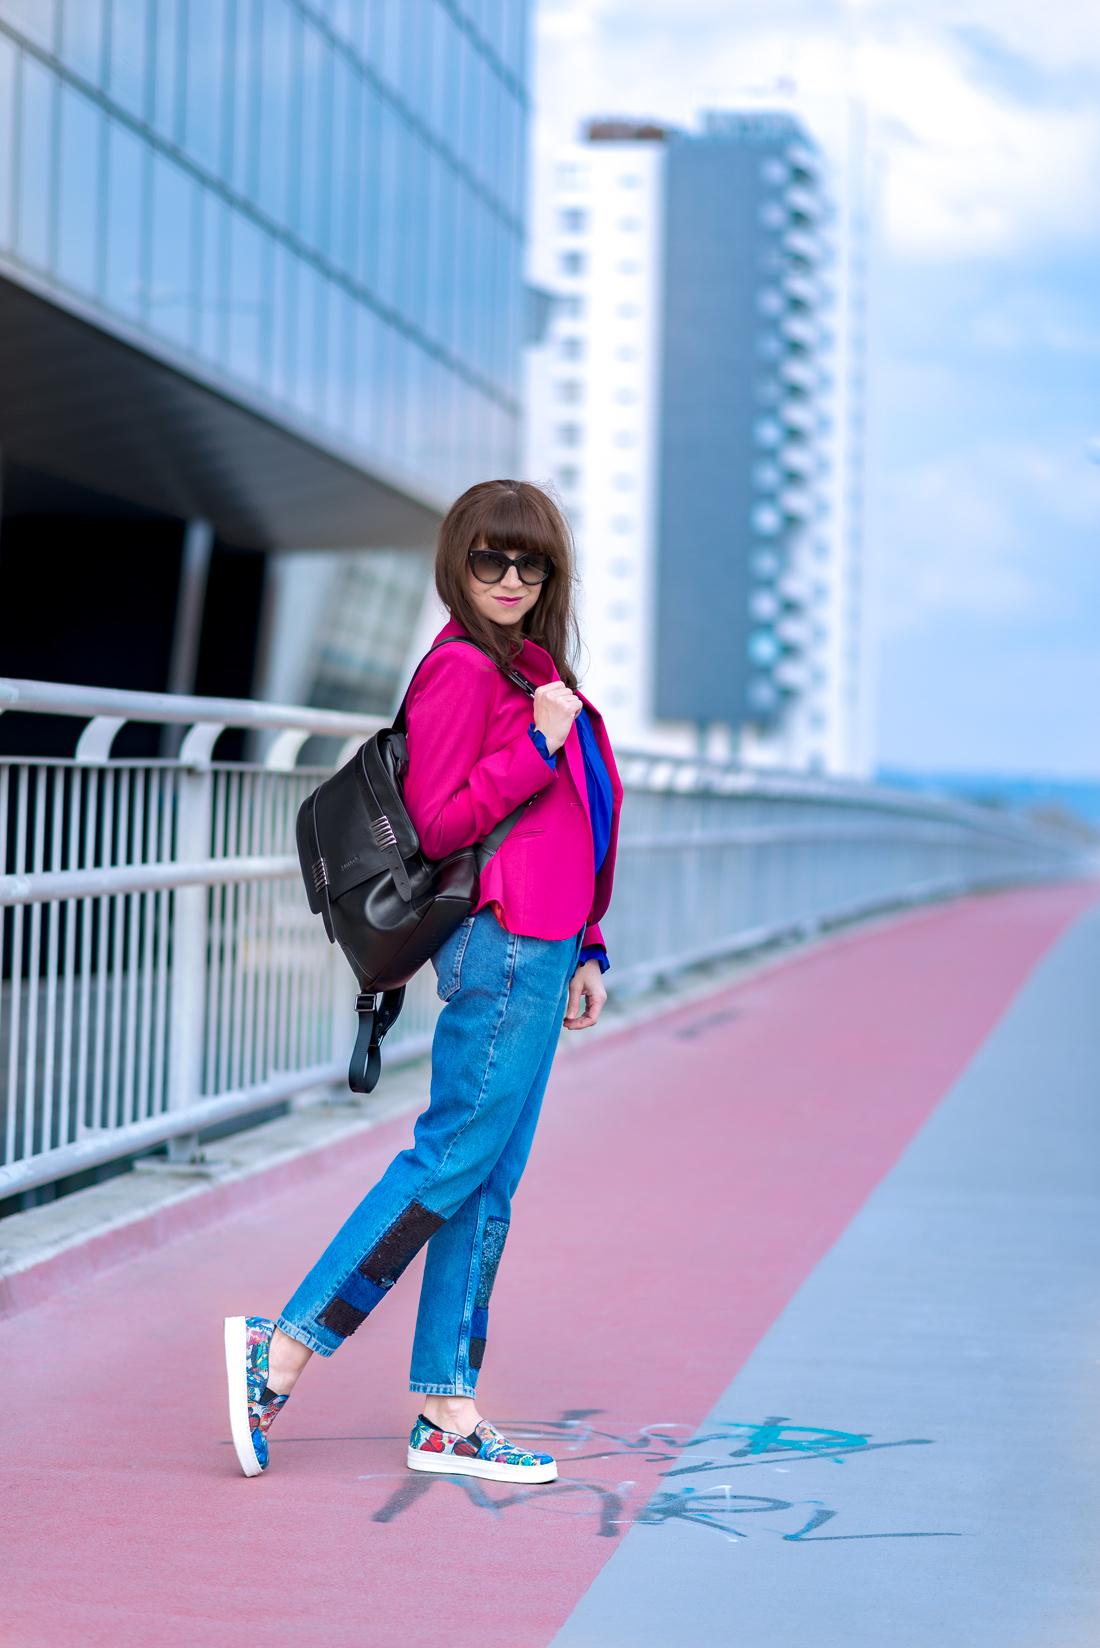 OUTFITOM KU ŠŤASTIU_Katharine-fashion is beautiful_Blog 3_Ružové sako_Flitrované džínsy Zara_Kožený vak Nucelle JEJ_Farebné slipony_Katarína Jakubčová_Fashion blooger